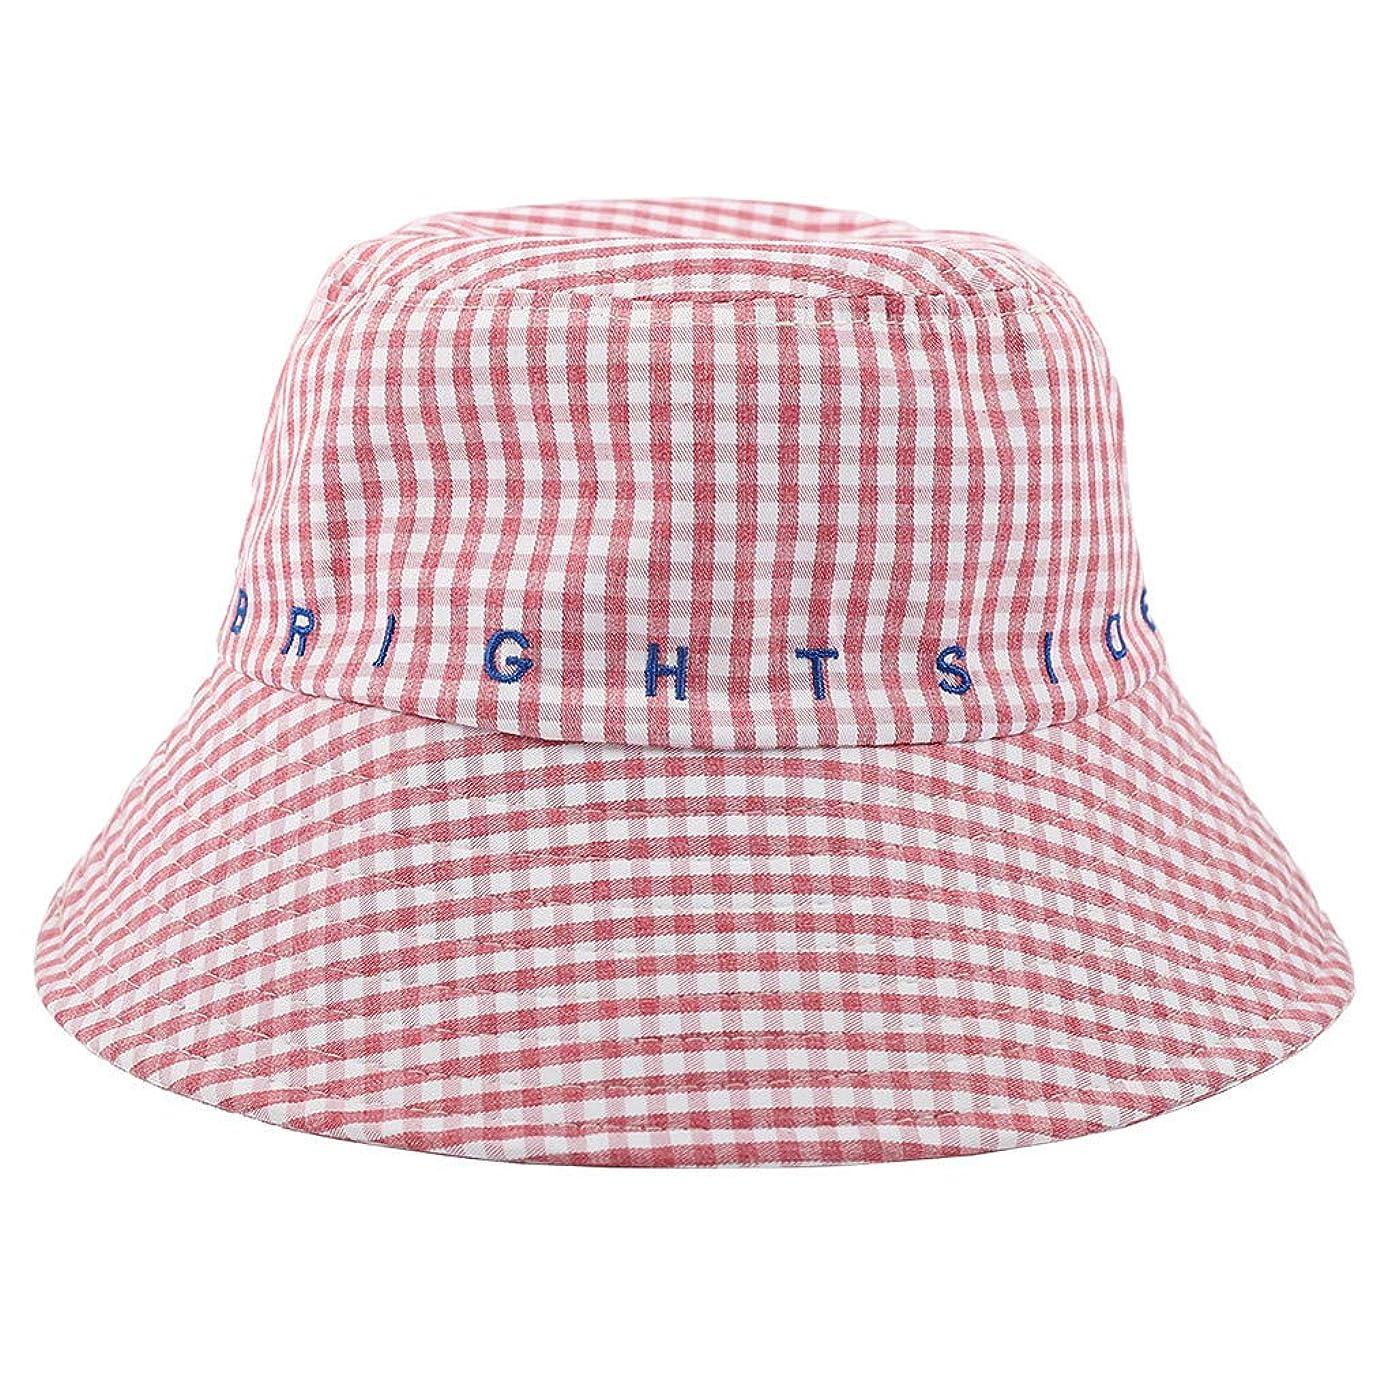 パキスタン人法医学不十分な帽子 レディース uv帽 UVカット 漁師の帽子 99%uvカット 日除け ハット 調整テープ キャップ 折りたたみ 漁師帽 つば広 帽子 レディース キャップ 調節テープ 吸汗通気 紫外線対策 おしゃれ 高級感 ROSE ROMAN